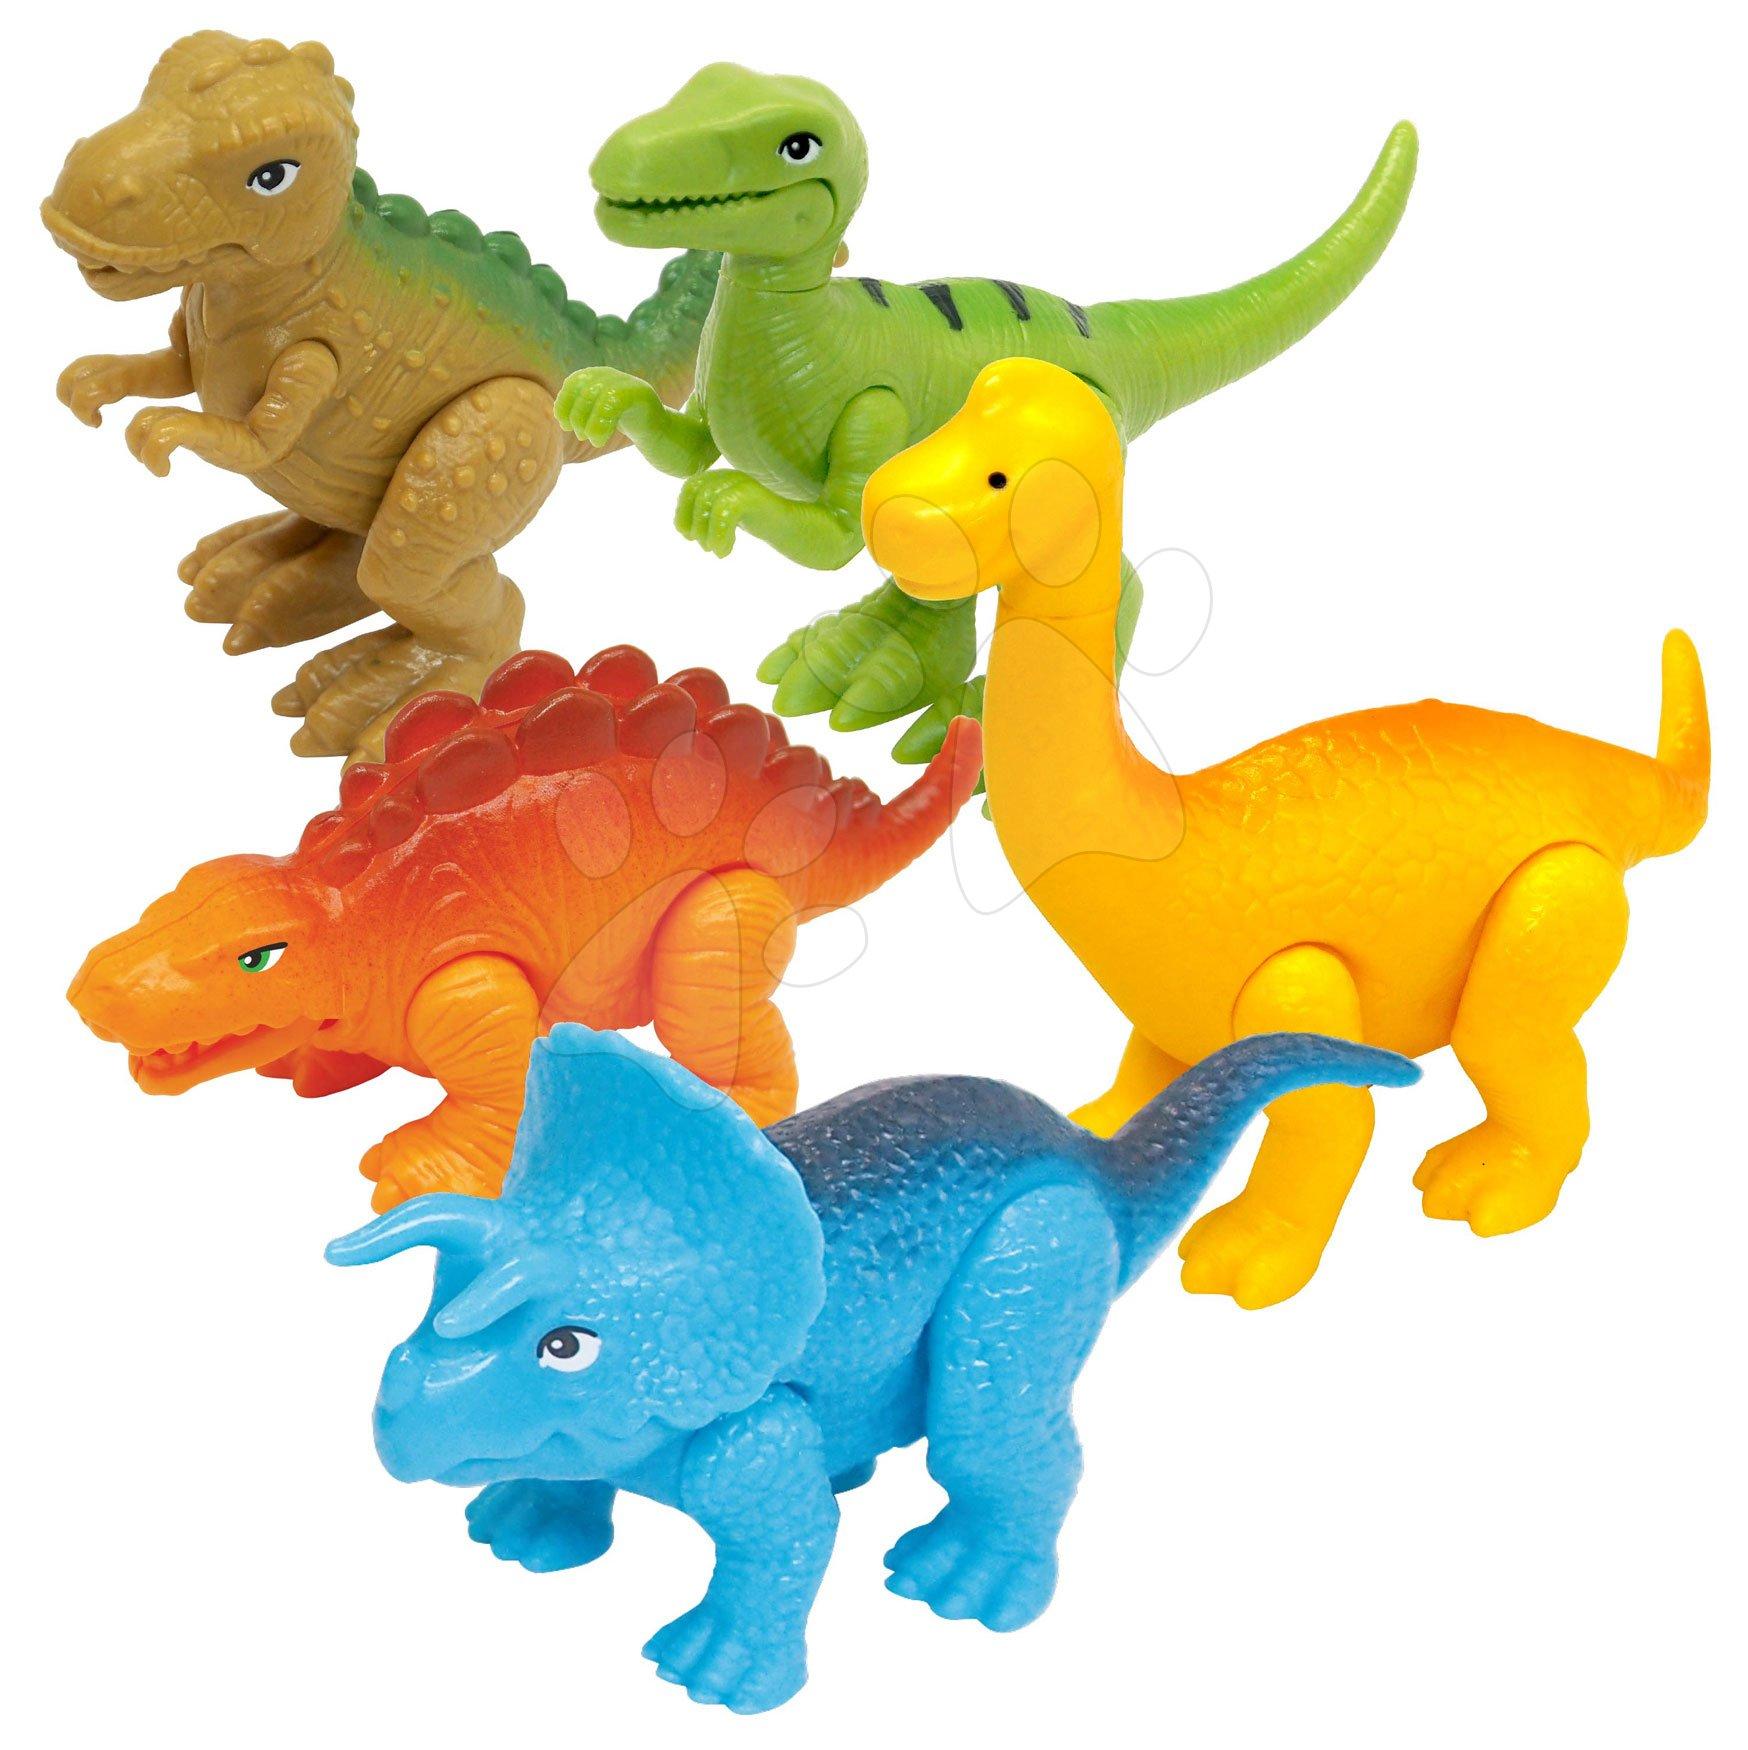 Zvieratká Dinosaurus Kiddieland 5 druhov s pohyblivými časťami a klik zvukom od 12 mes